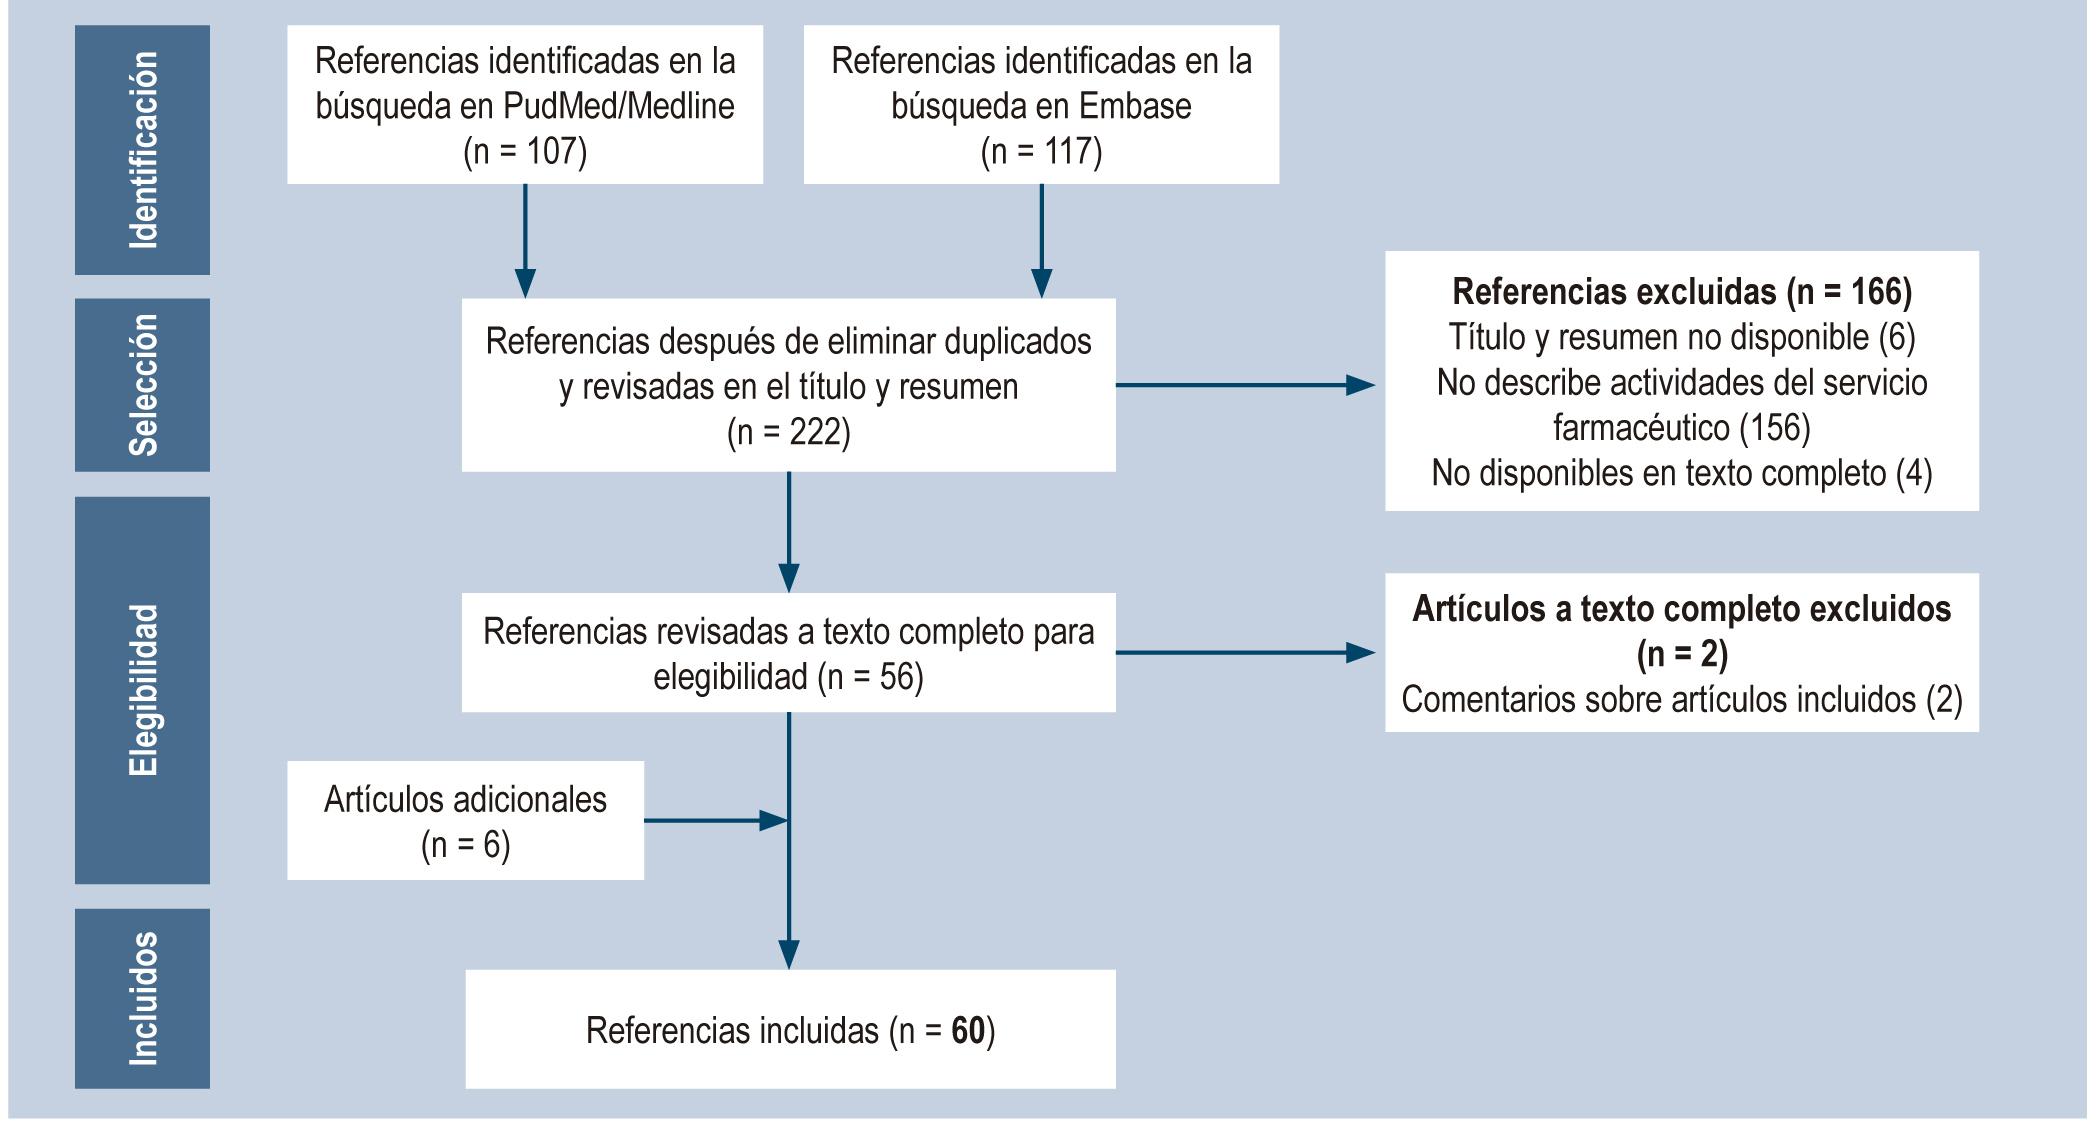 Figura 1. Diagrama de flujo de las referencias incluidas en la revisión.